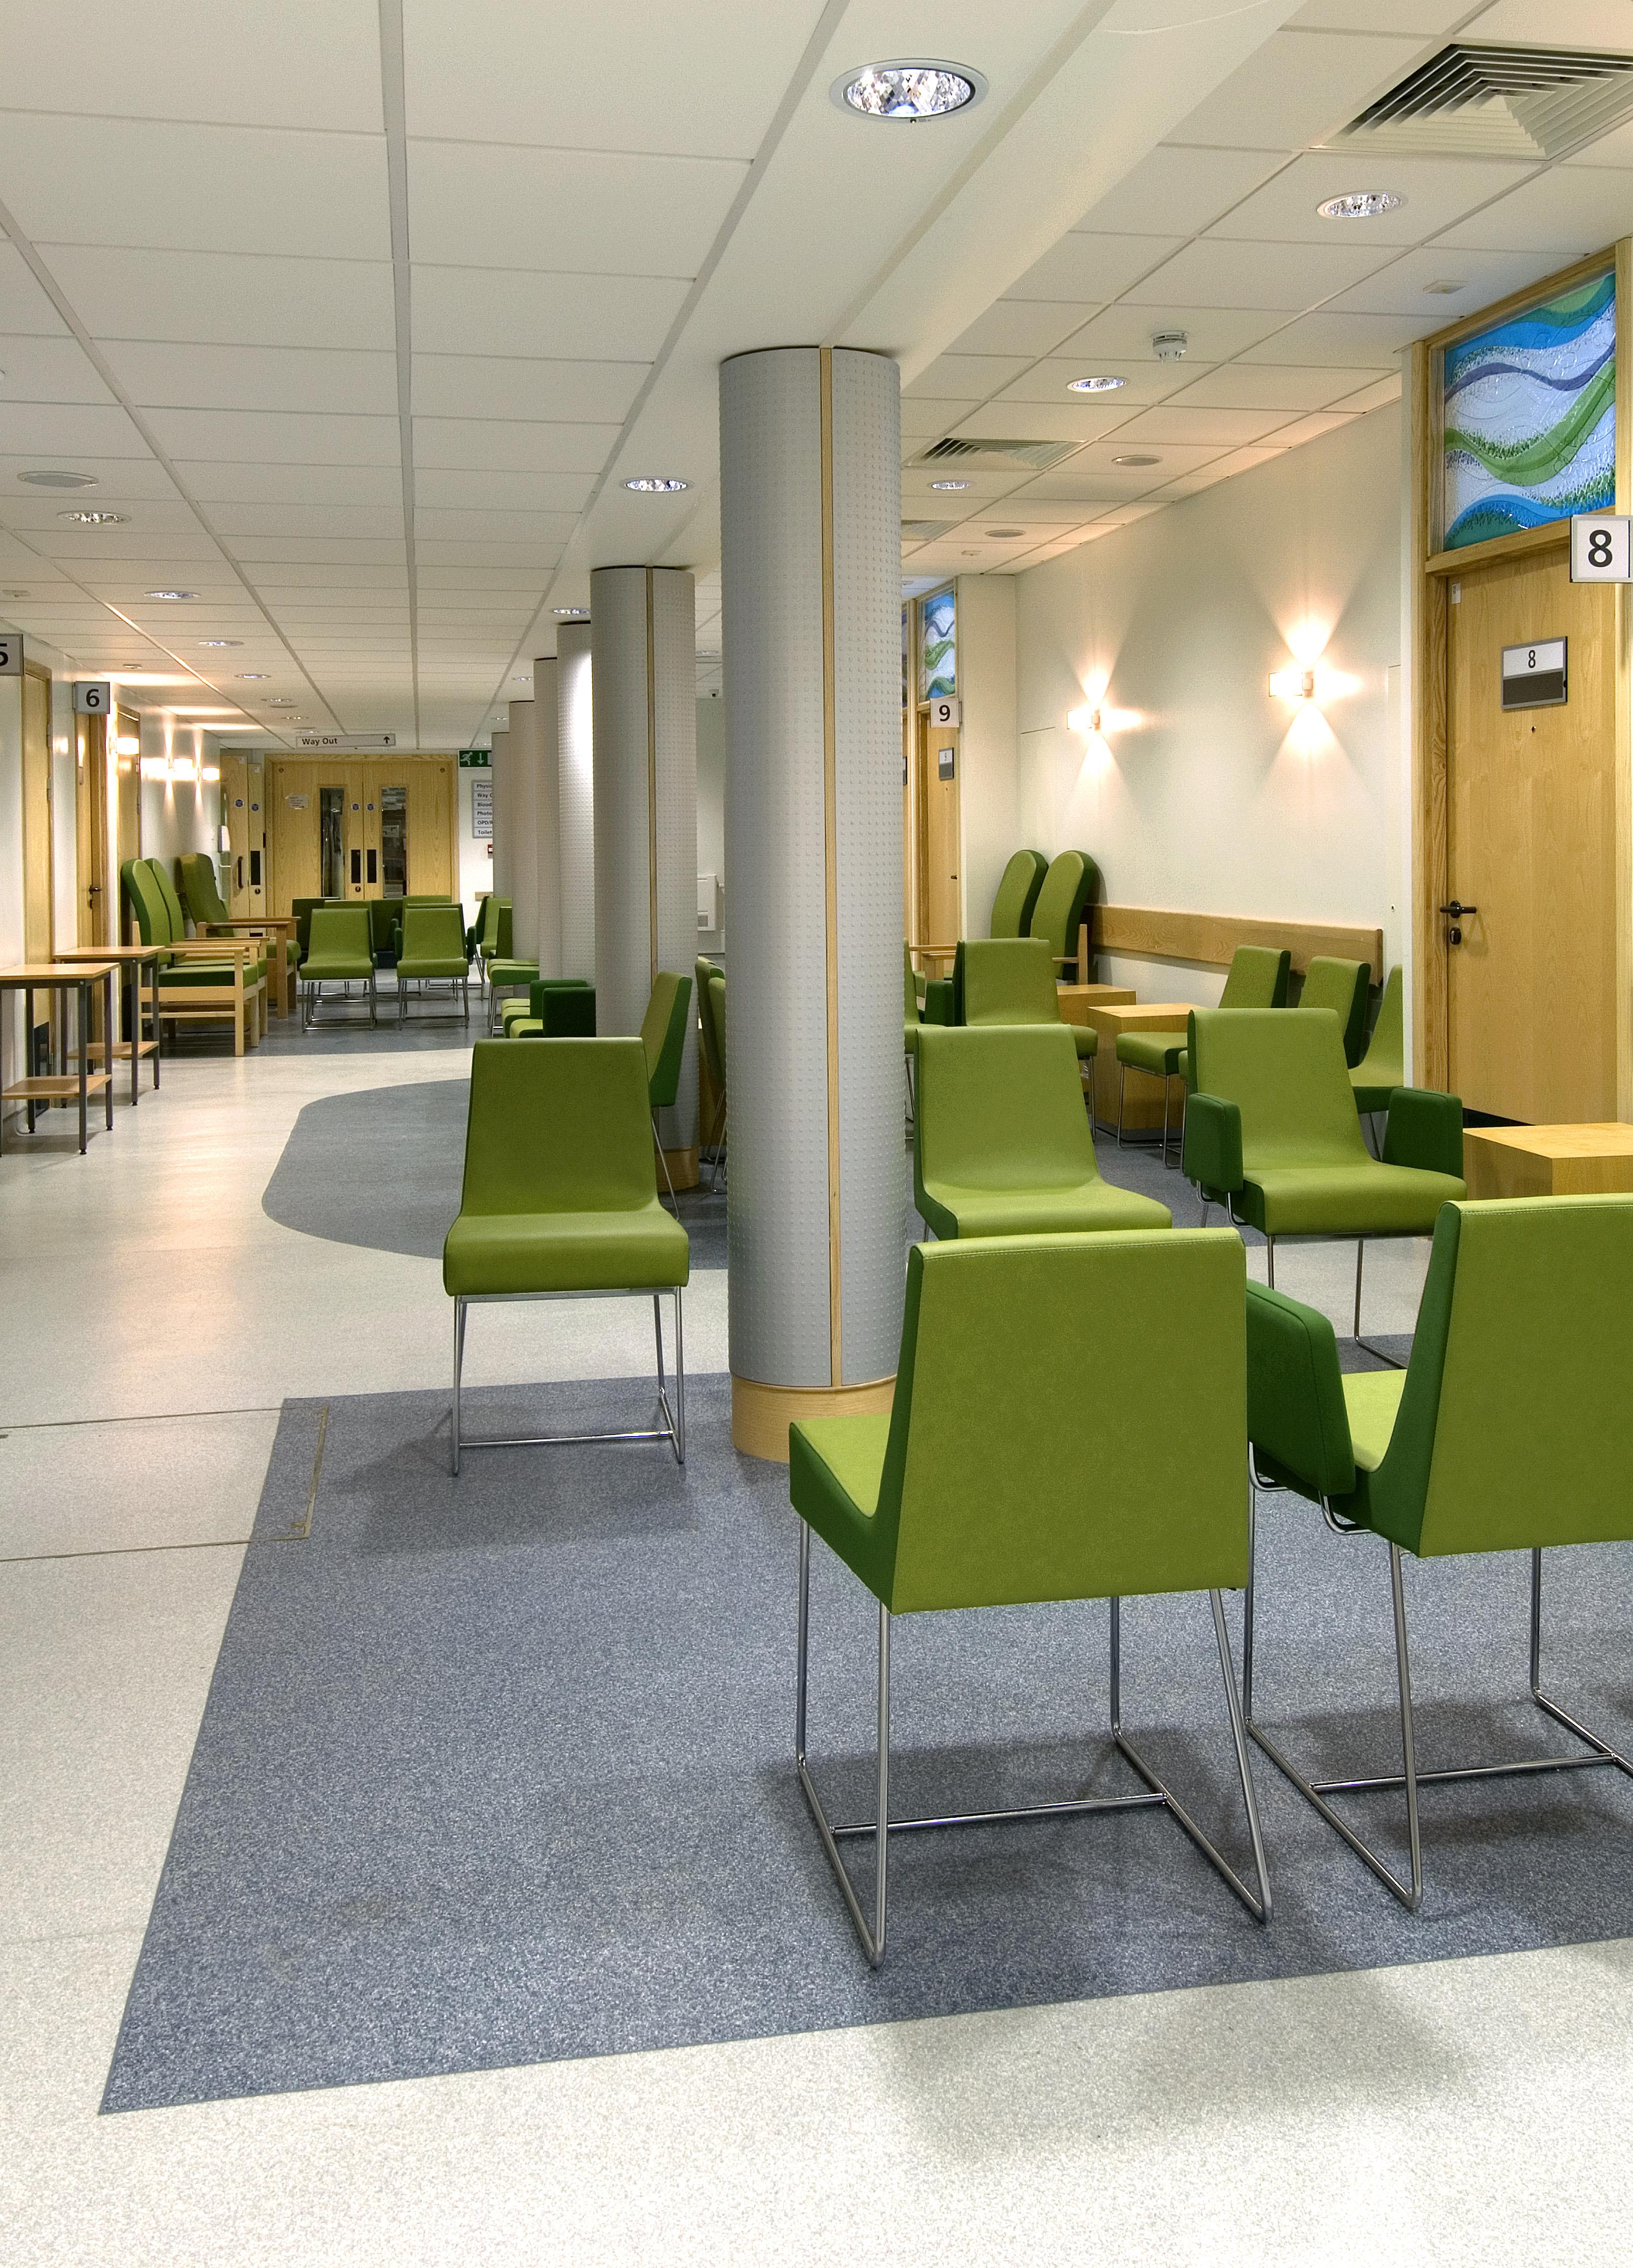 frimley-park-hospital-sept-09-26